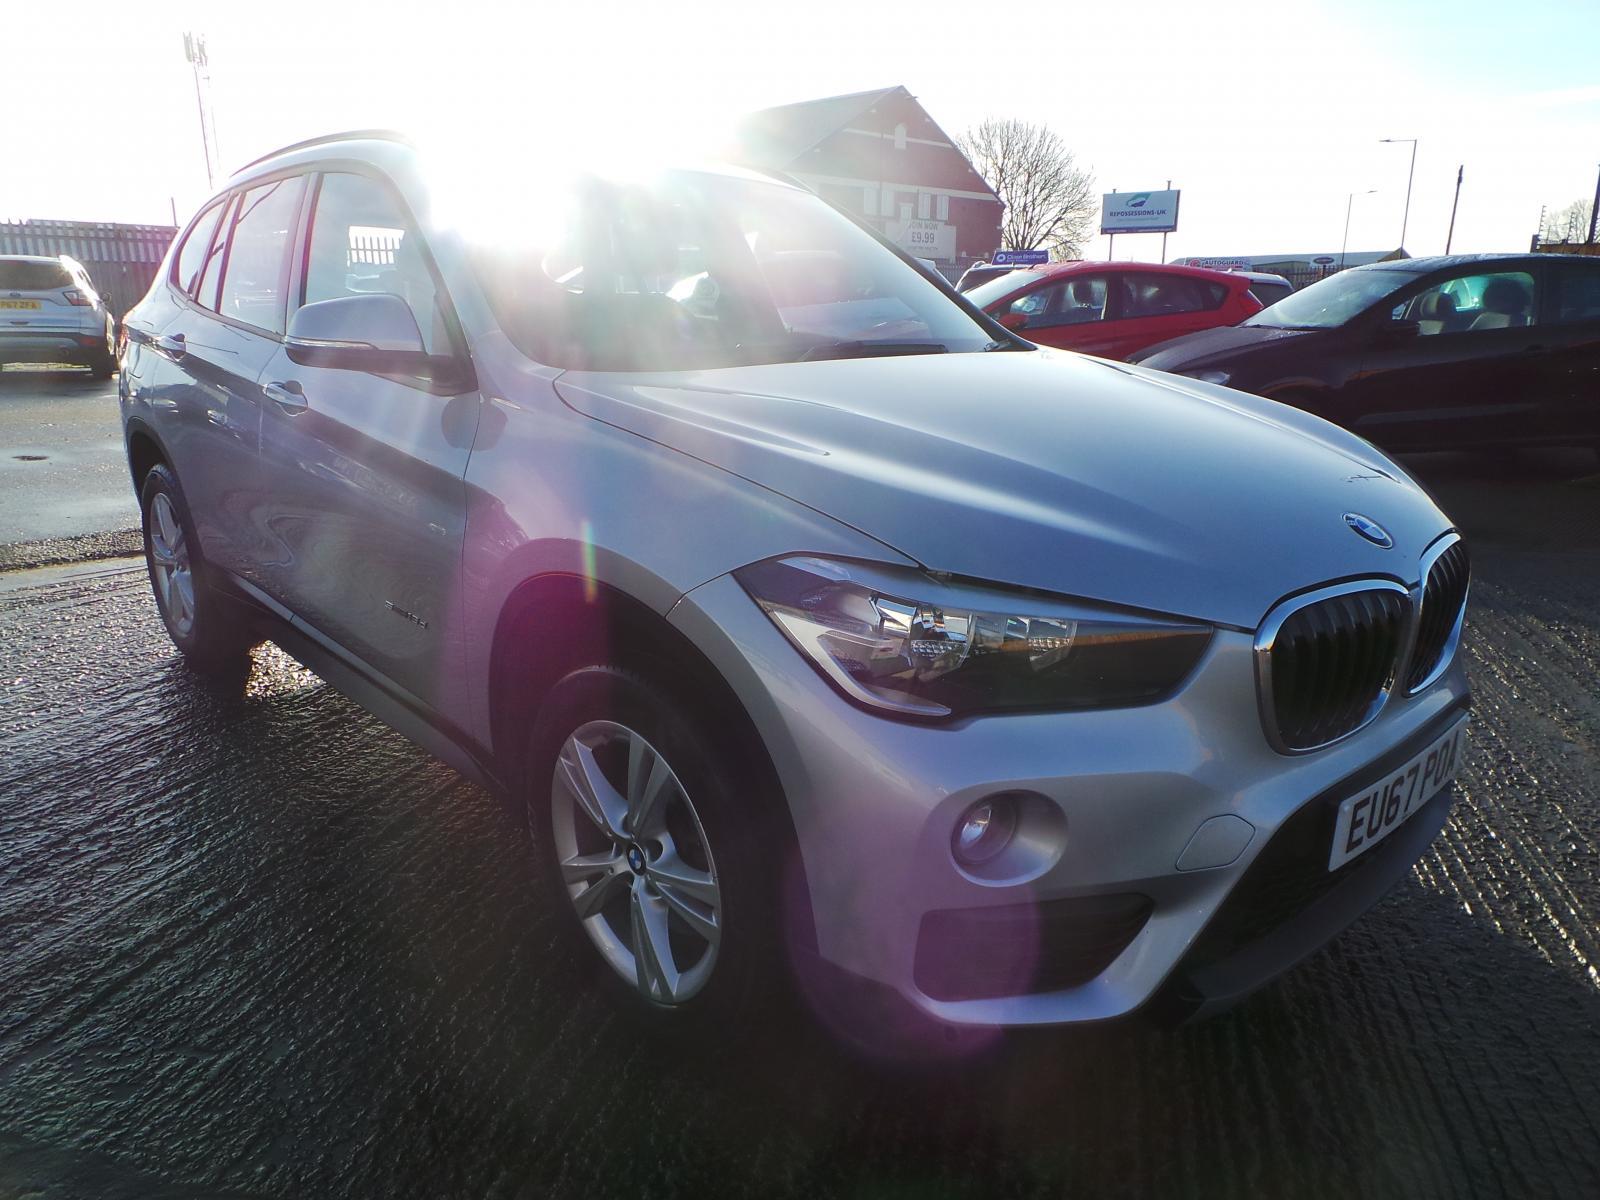 2017 BMW X1 MK2 (F48) 2017 TO 2019 SDRIVE18D SE